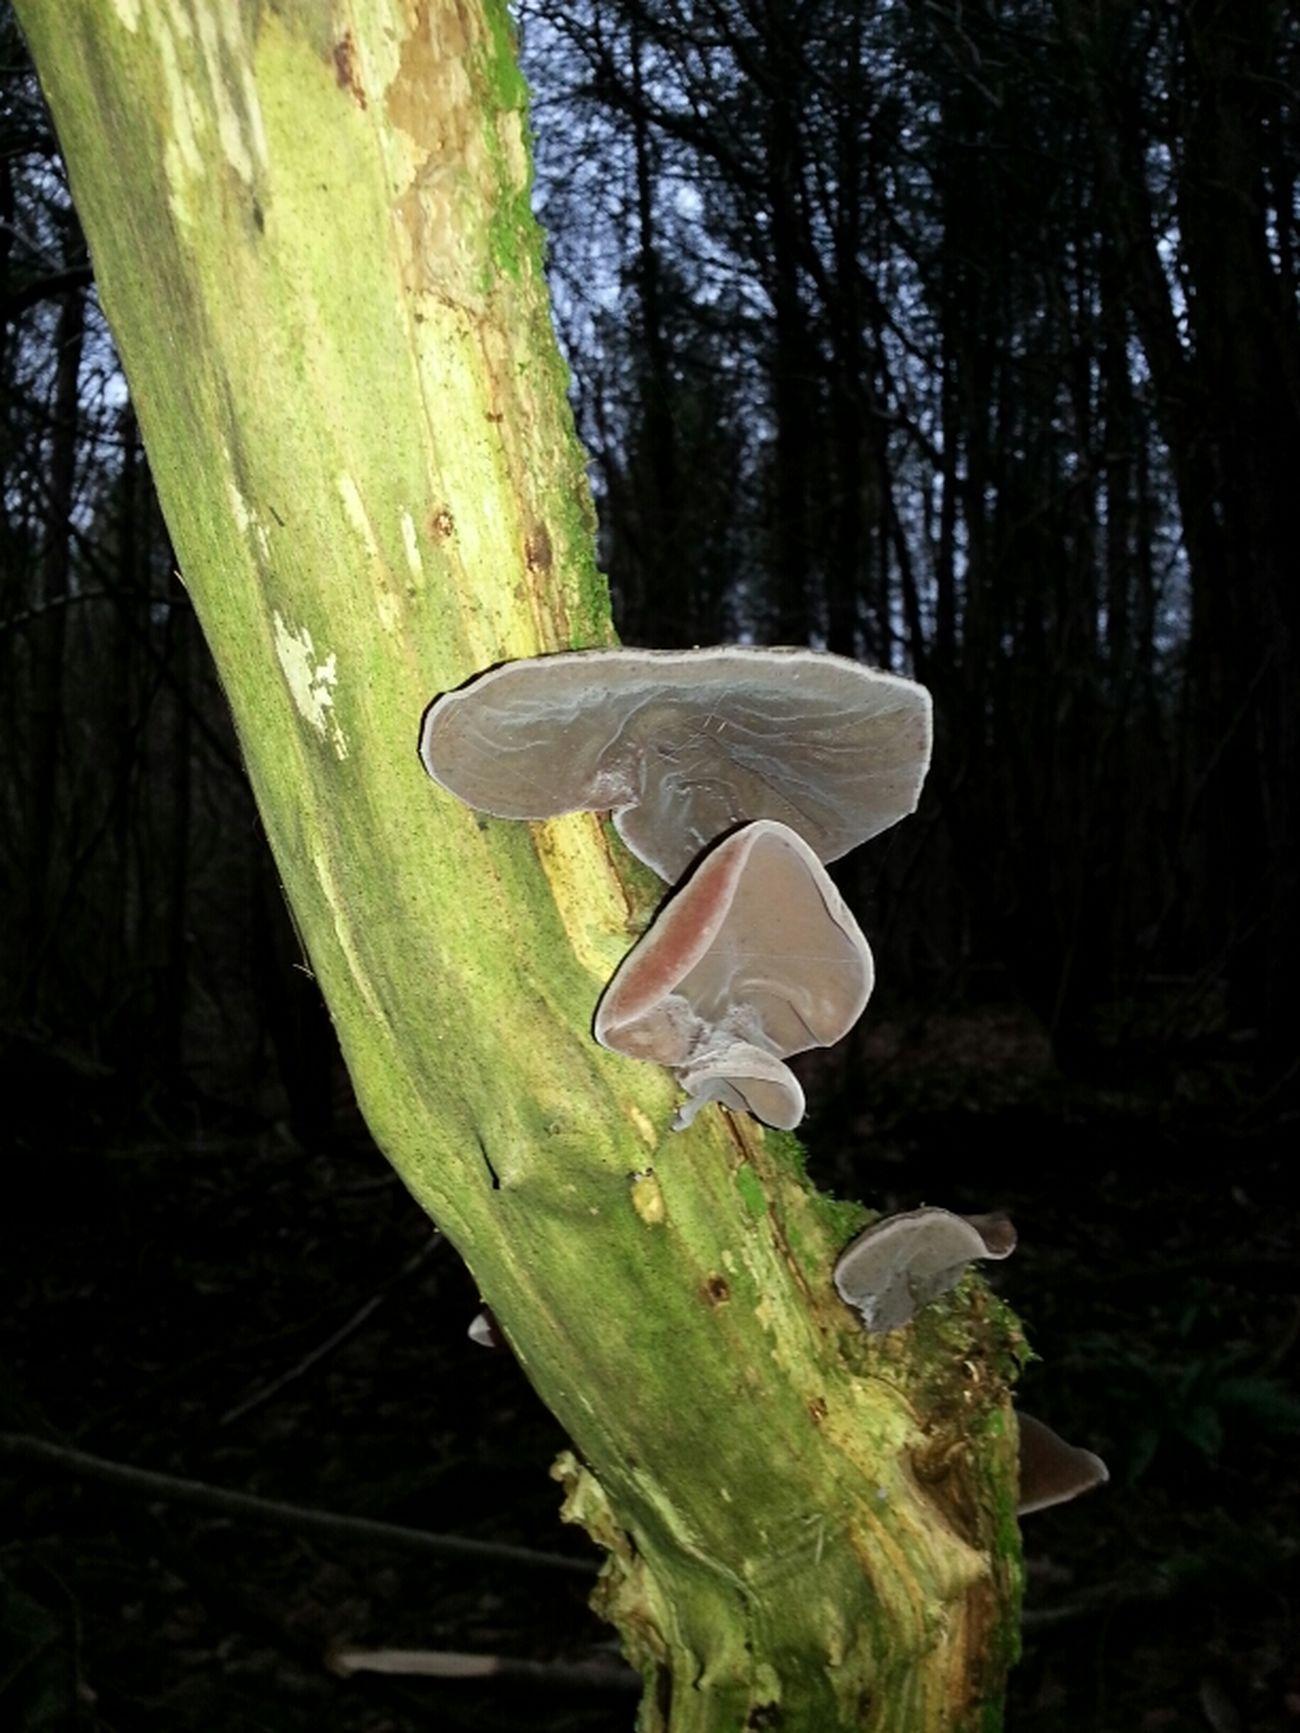 Fungie